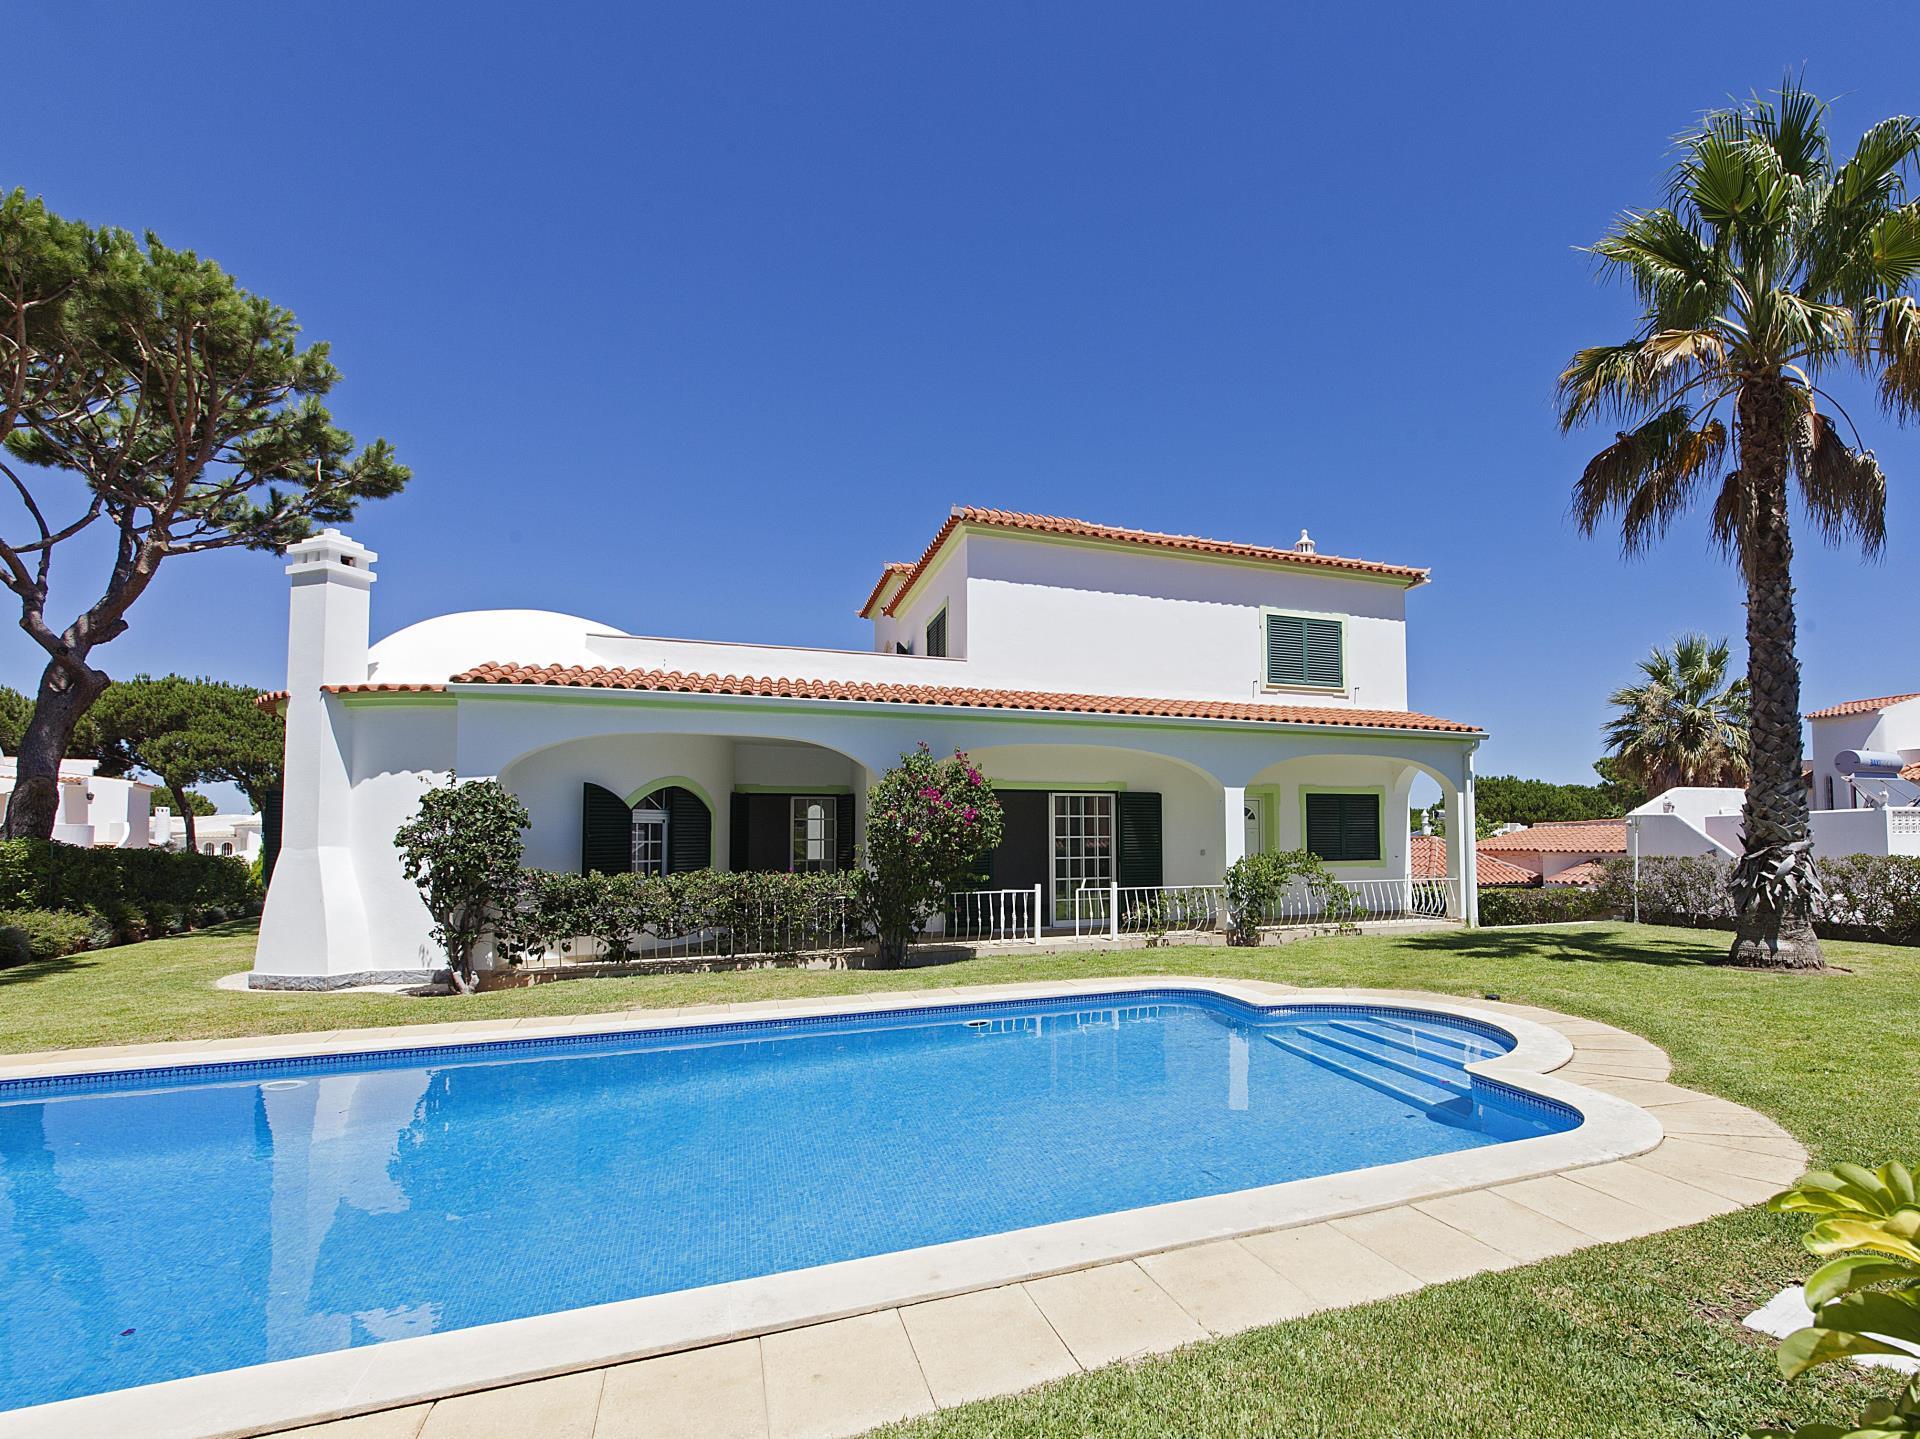 独户住宅 为 销售 在 Detached house, 4 bedrooms, for Sale Loule, Algarve 葡萄牙